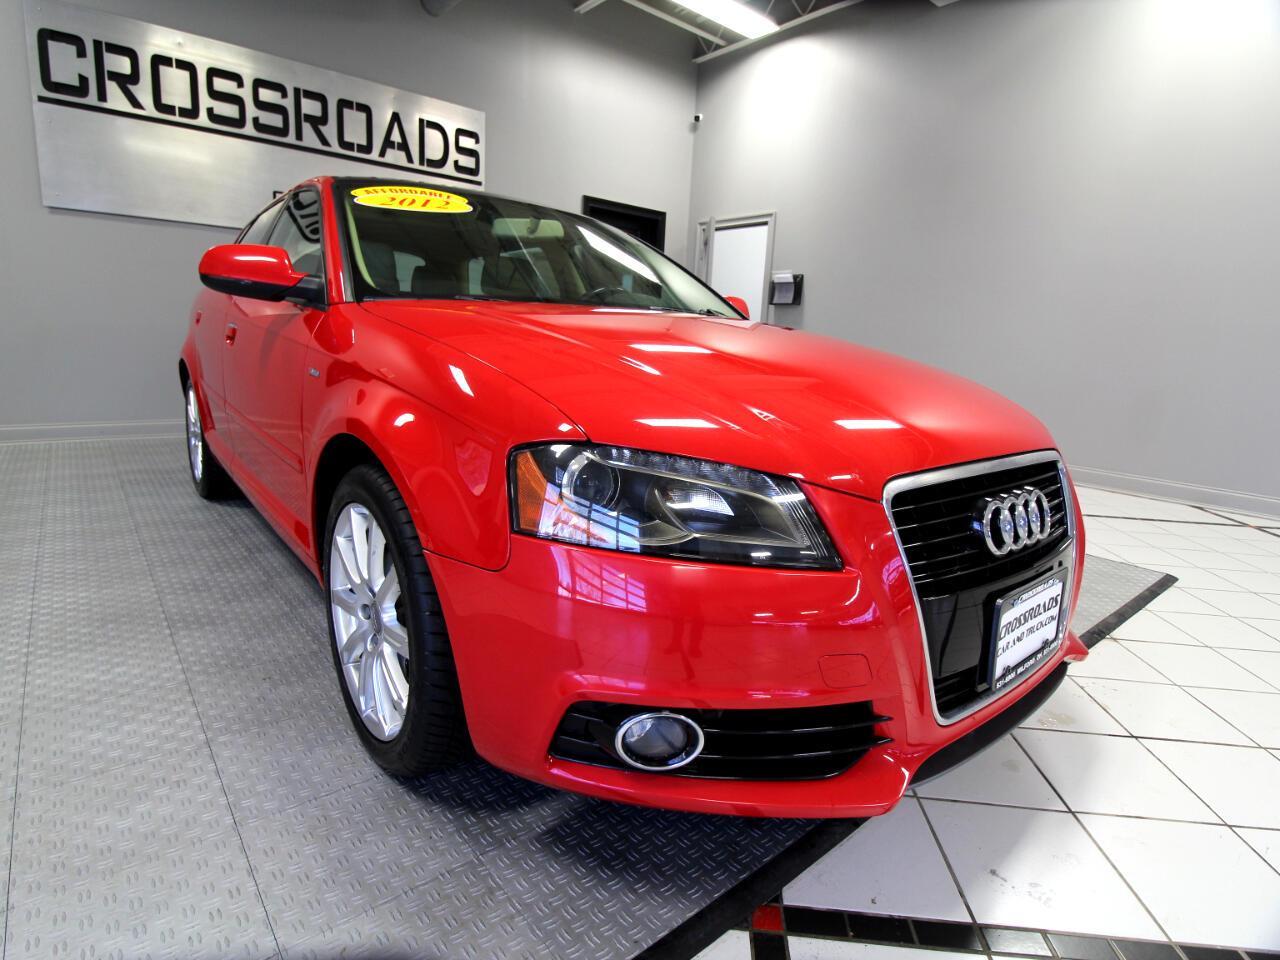 Audi A3 4dr HB S tronic FrontTrak 2.0 TDI Premium Plus 2012